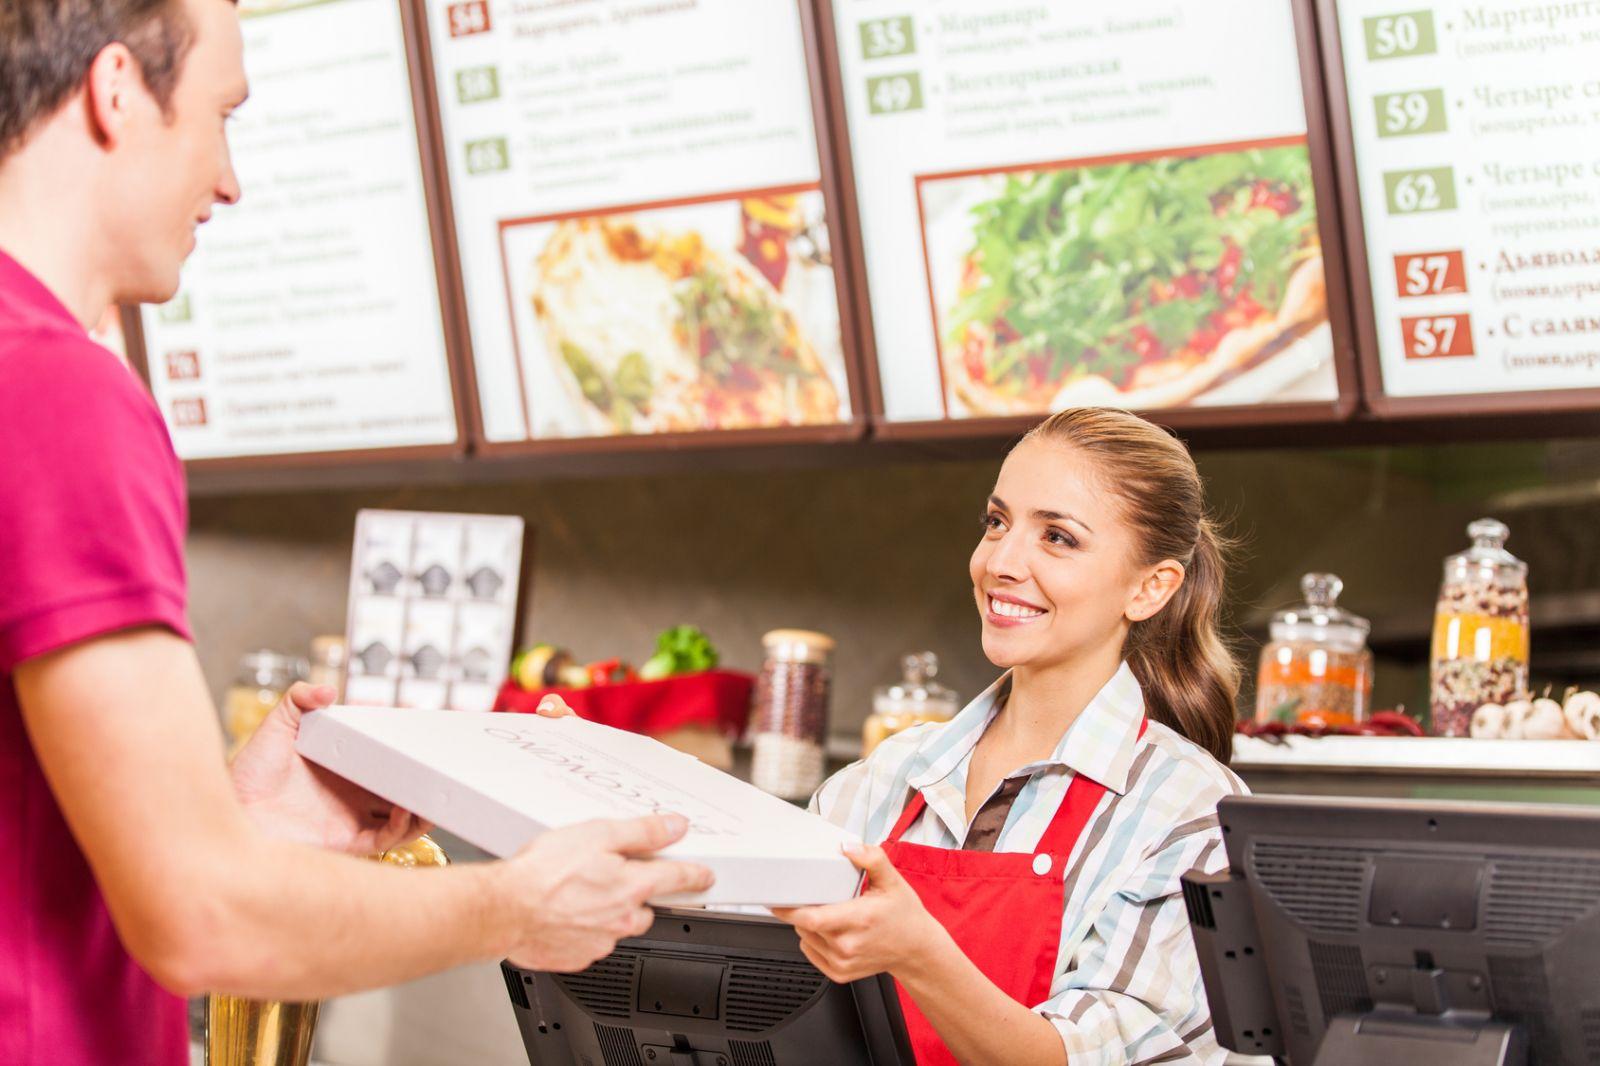 4 công việc làm thêm fast food thích hợp cho sinh viên khi đi du học tại Mỹ